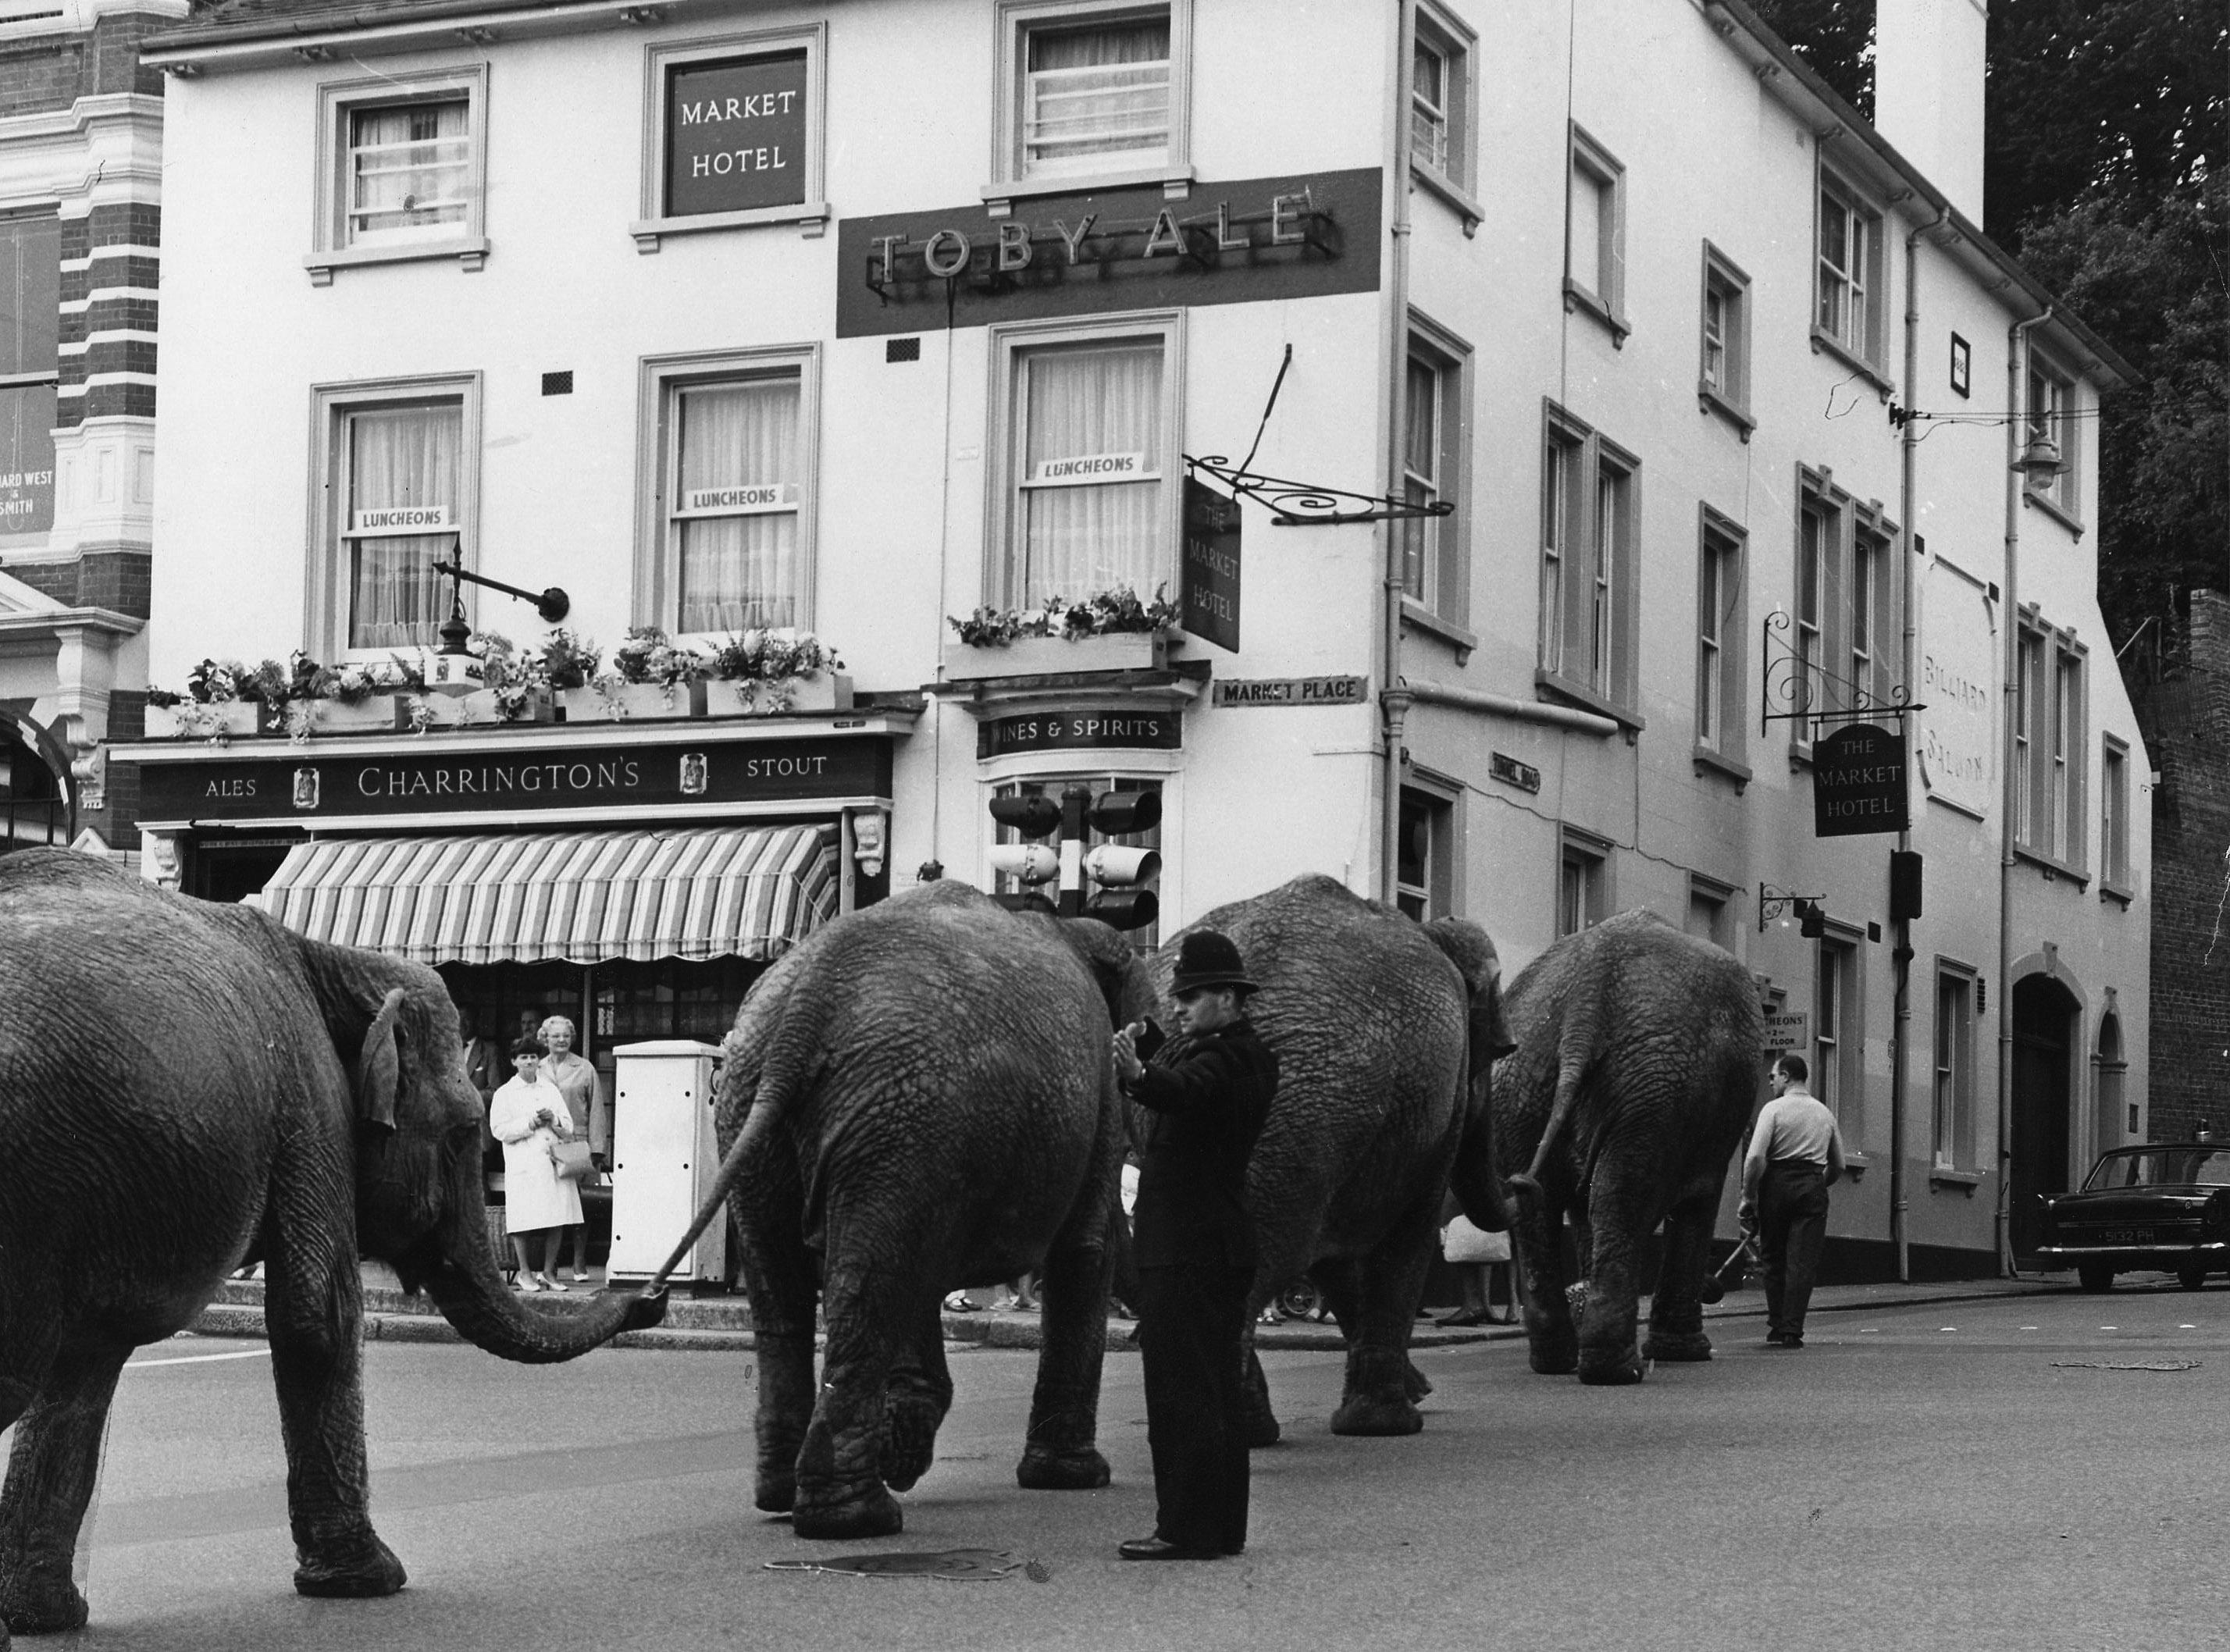 reigate elephants